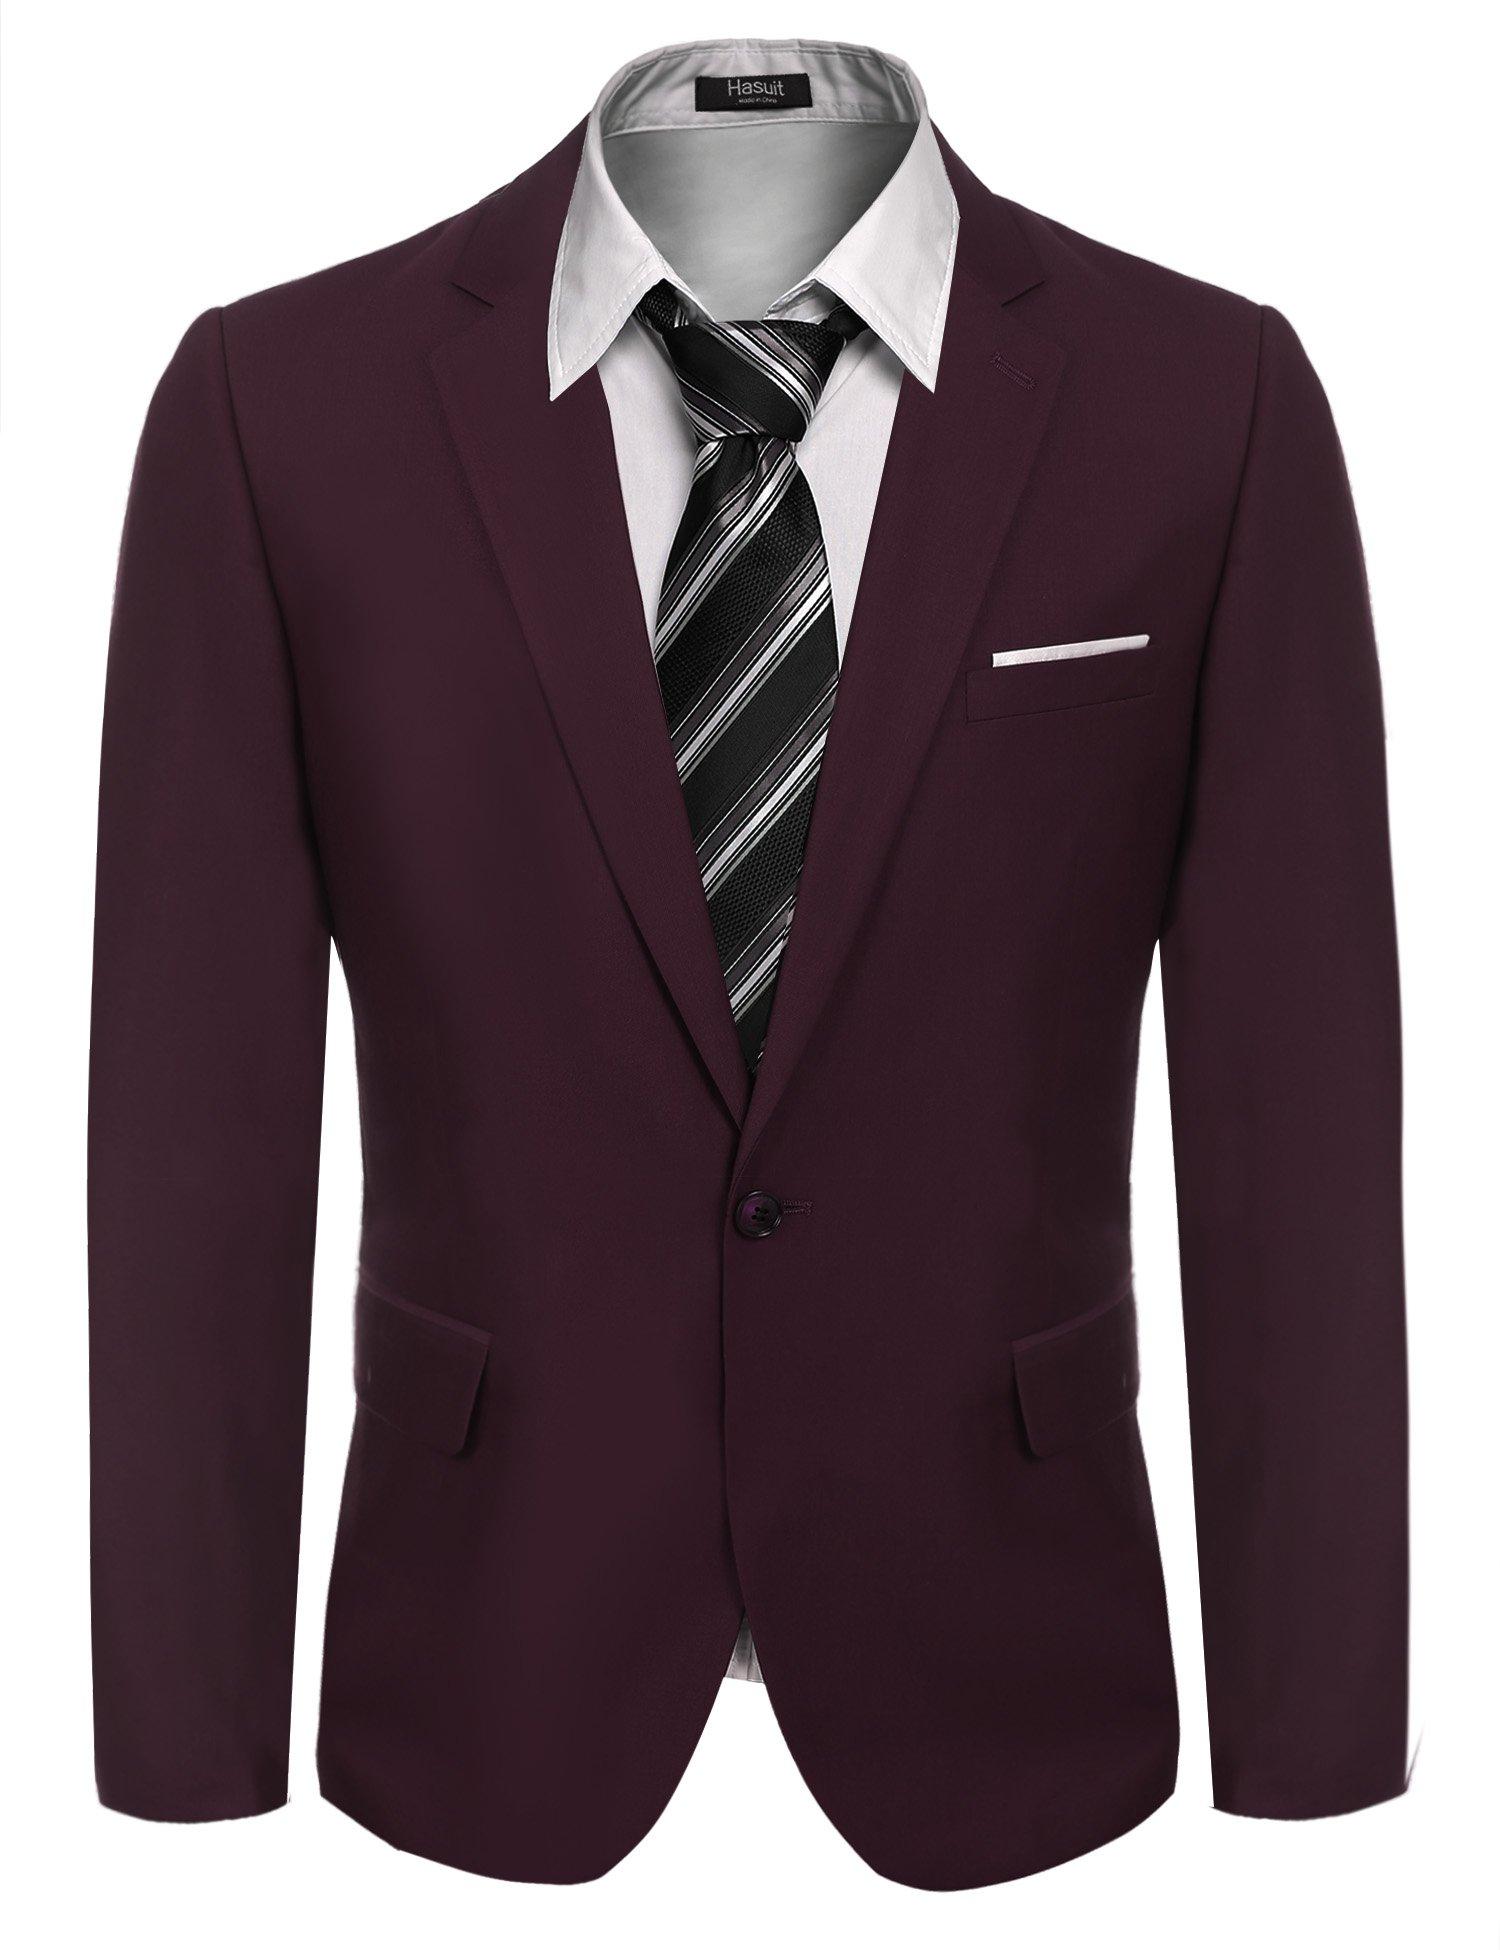 Hasuit Men's Casual One Button Slim Fit Stylish Blazer Coats Jackets Dress Suit